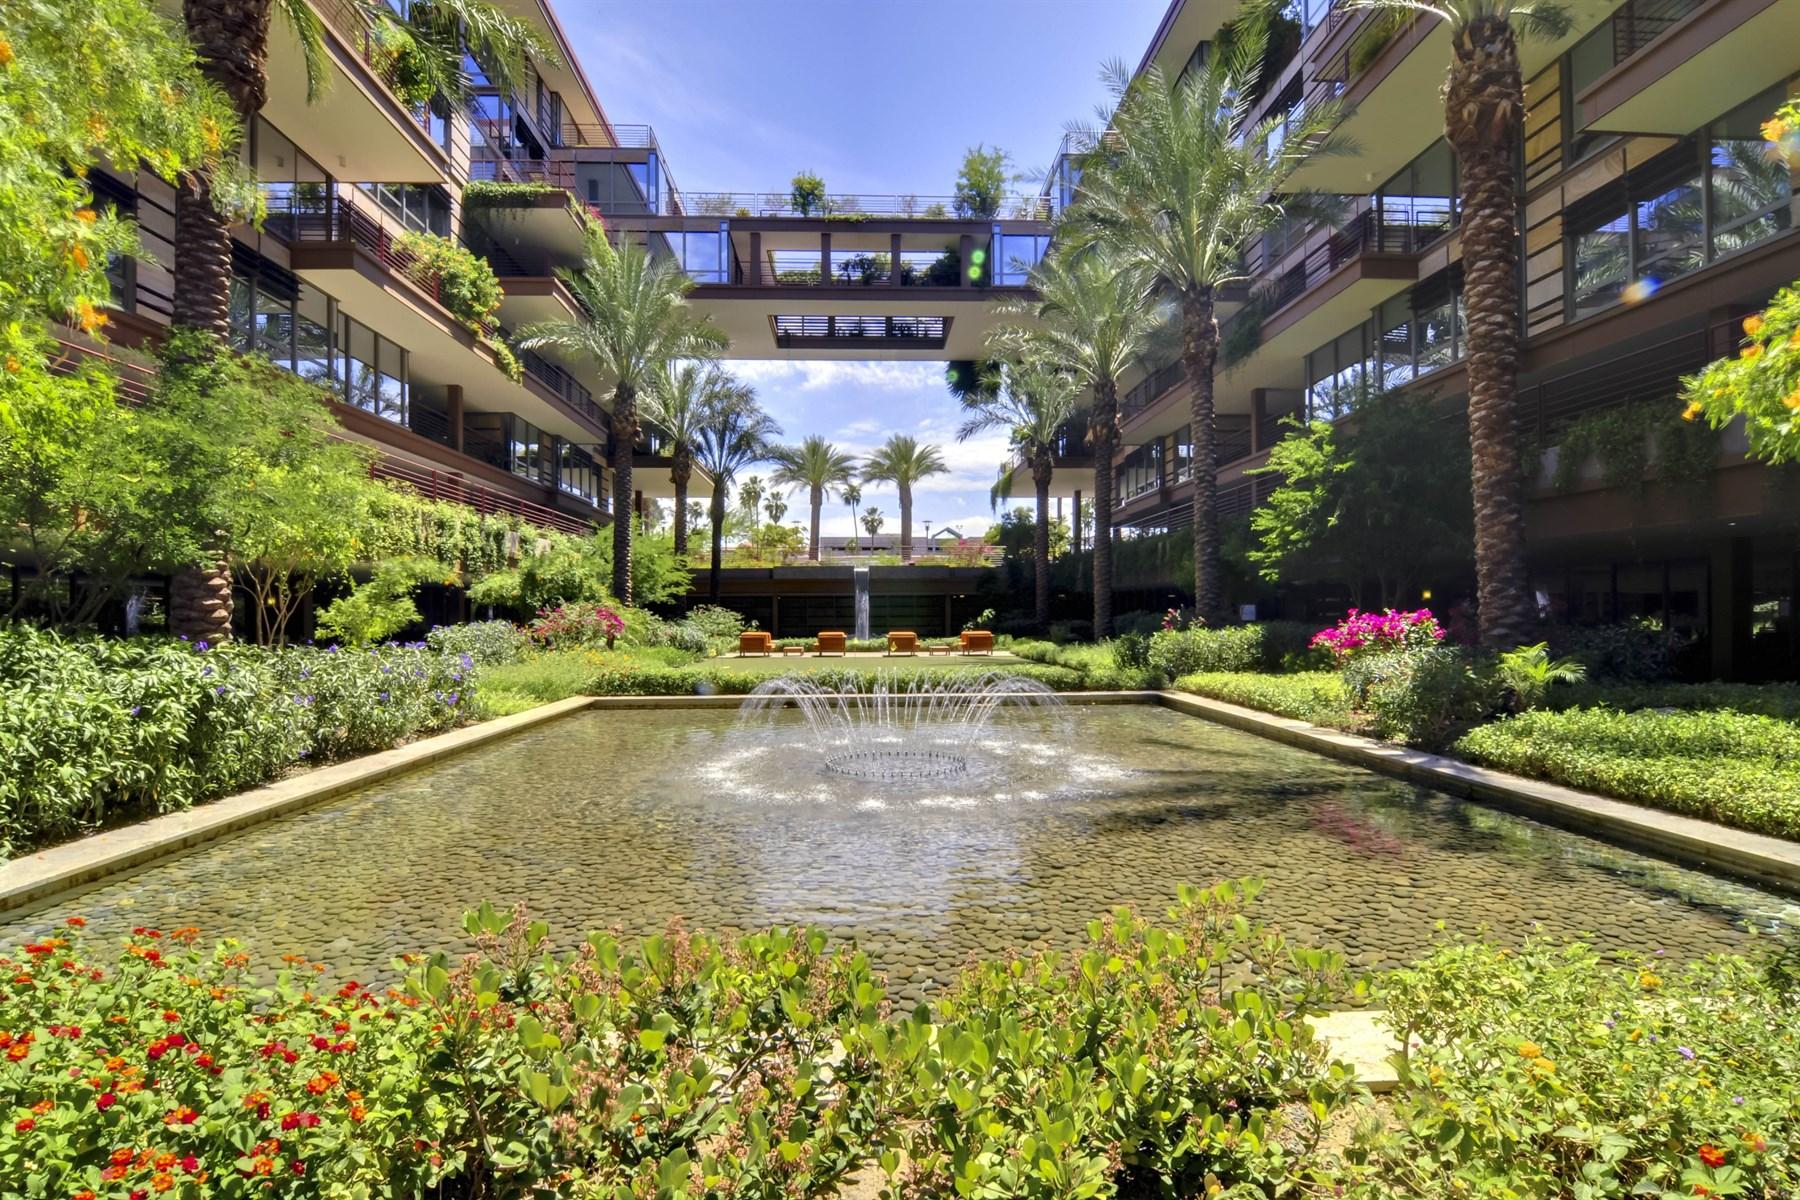 公寓 為 出售 在 Stunning Luxurious Four Bedroom Unit At Optima Camelview 7167 E Rancho Vista Drive #4014 Scottsdale, 亞利桑那州 85251 美國